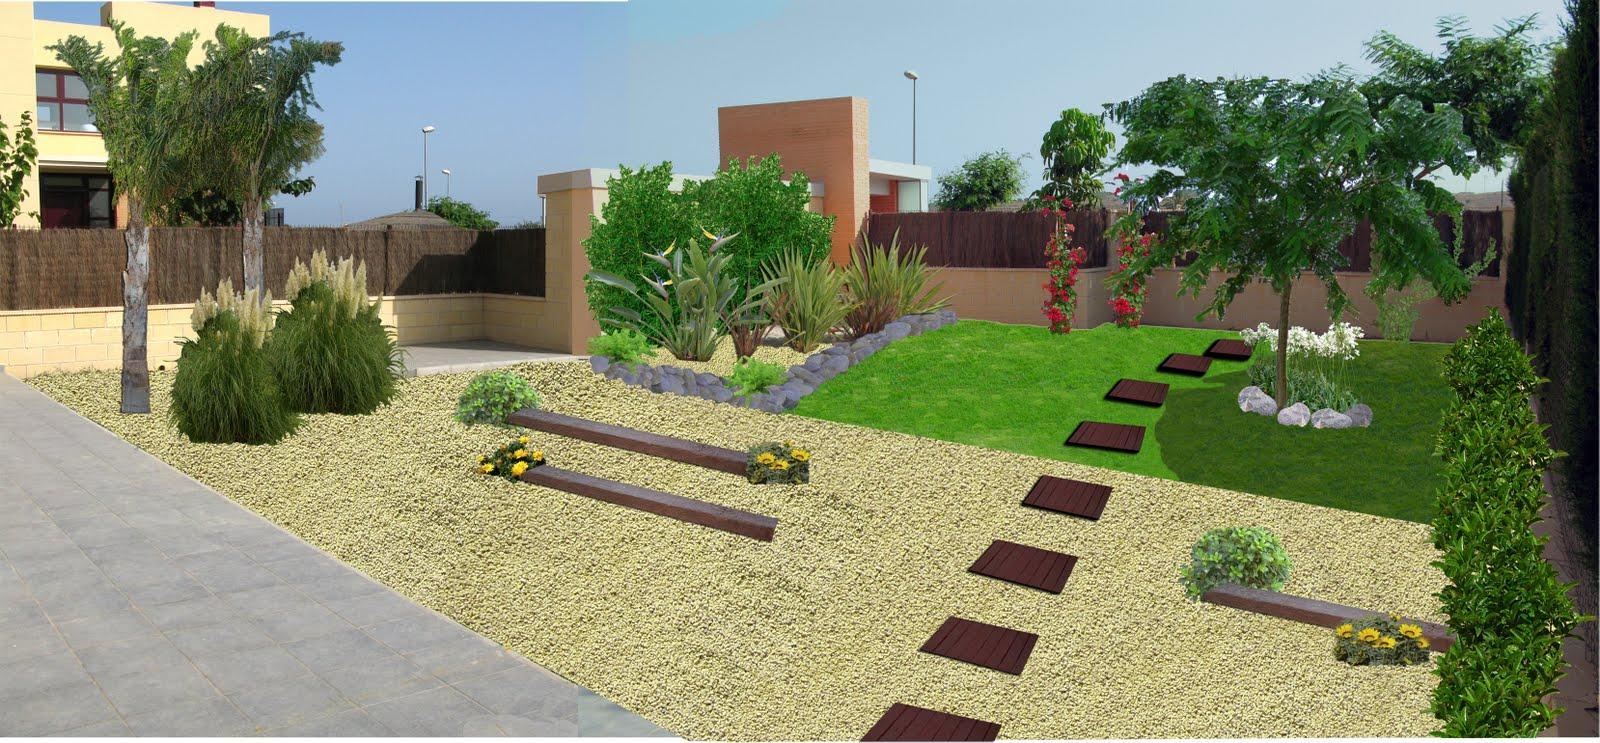 Dise o de jardines jardiner a benidorm jardineros alicante for Diseno jardines